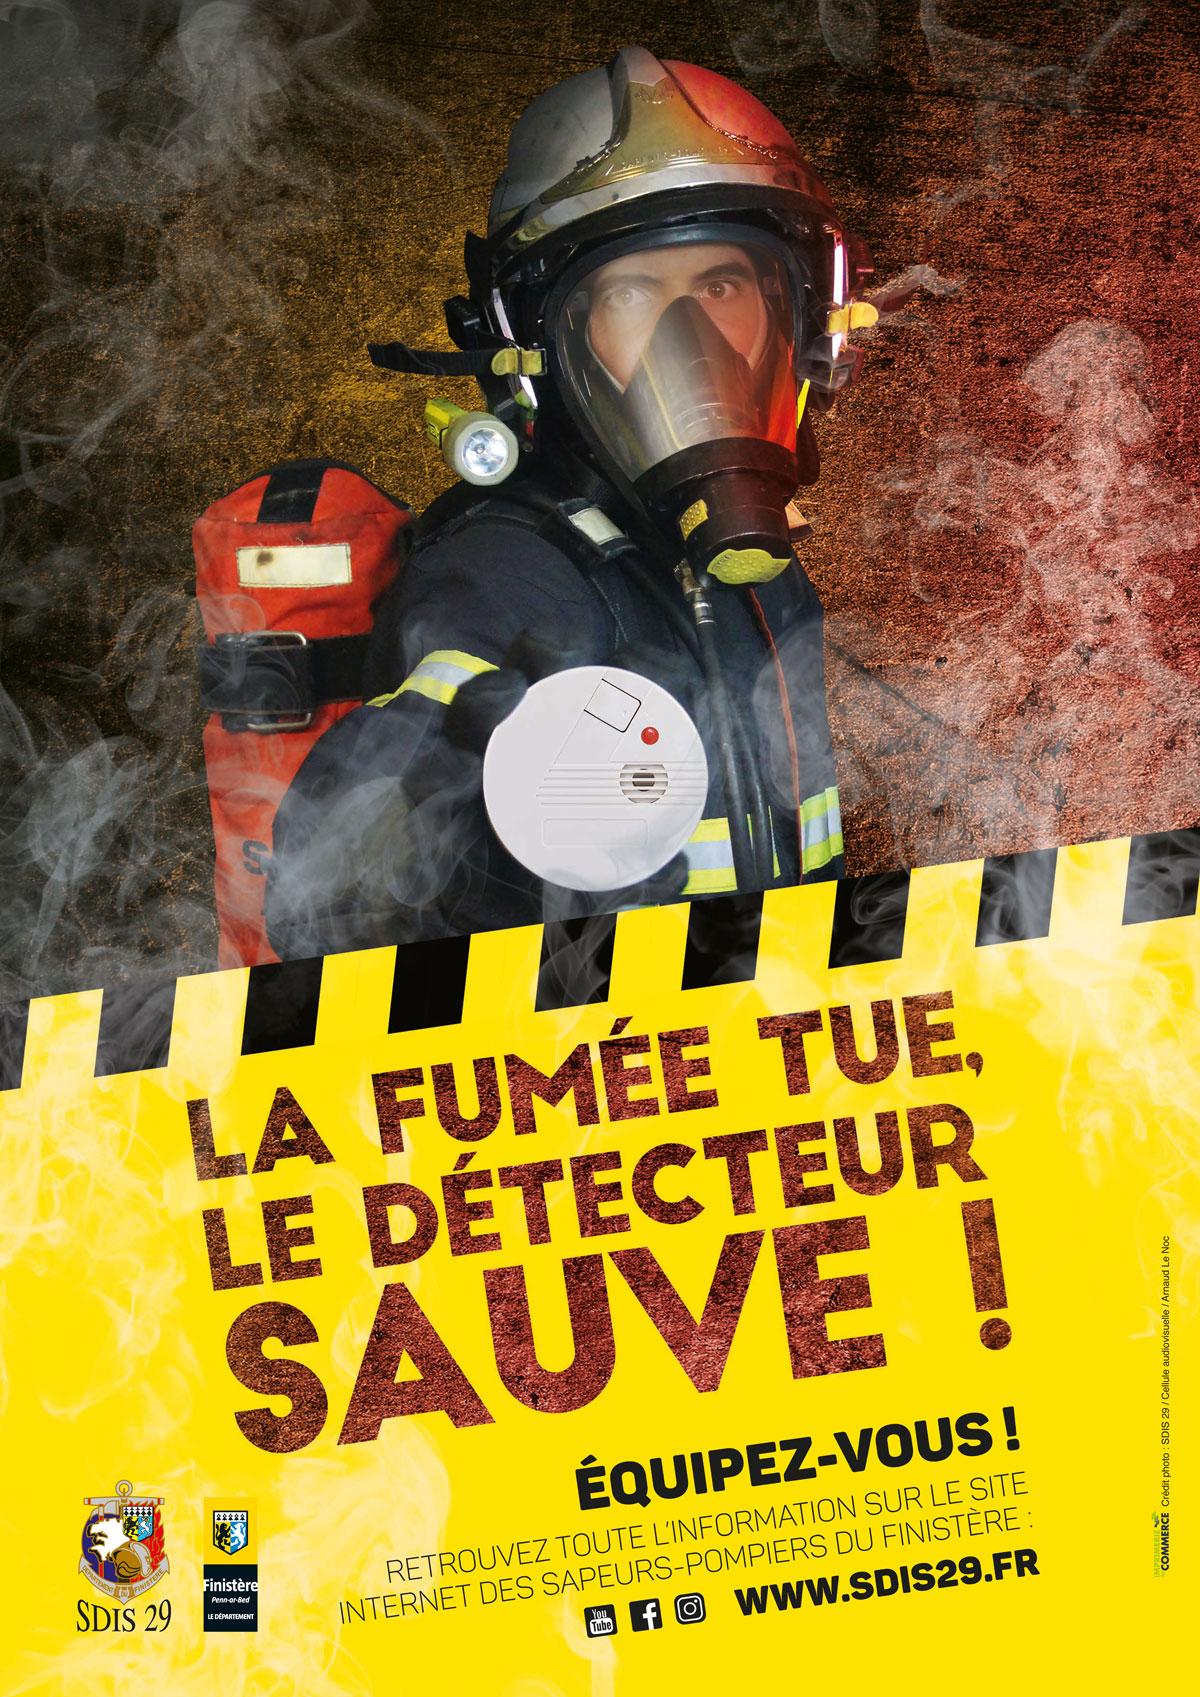 Le Détecteur De Fumée Sauve Des Vies, équipez-vous!